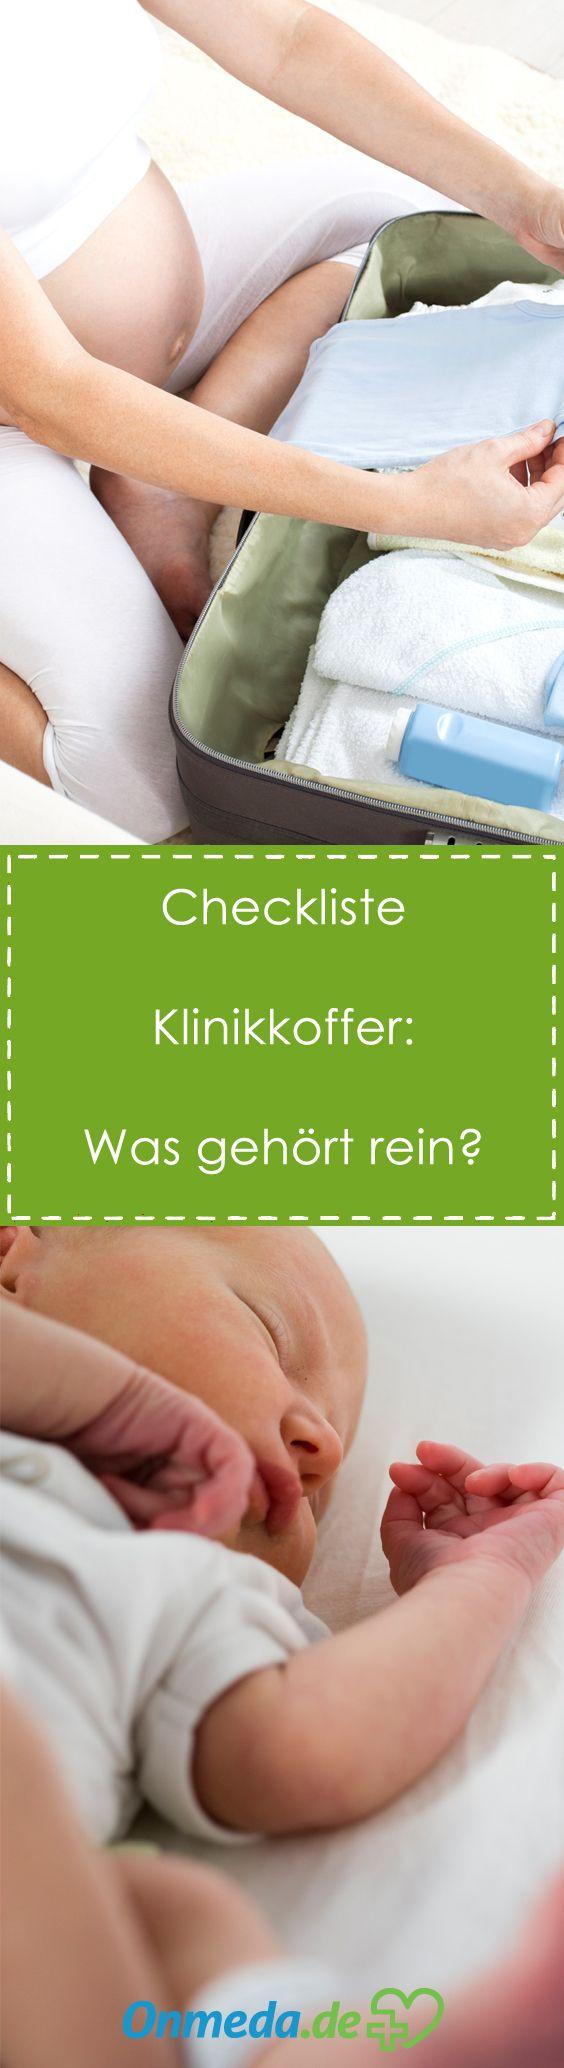 PDF Checkliste: Das gehört in den Klinikkoffer!  (Bildquelle: istock)